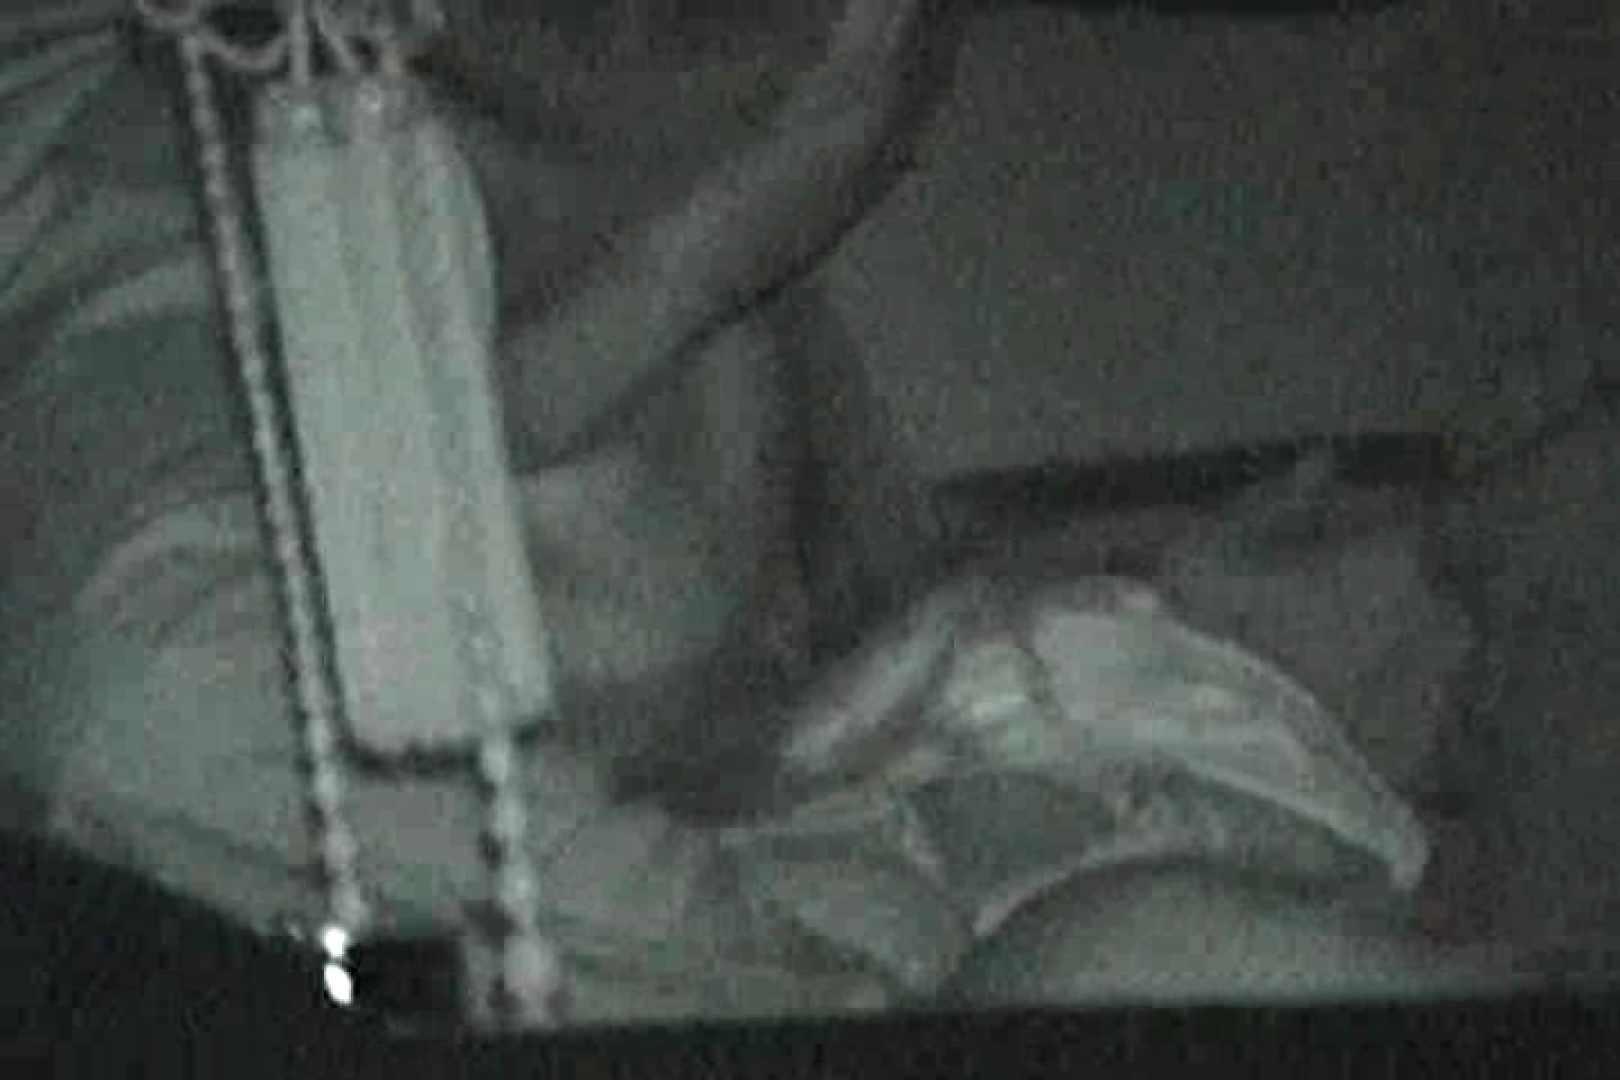 充血監督の深夜の運動会Vol.8 エッチなセックス セックス無修正動画無料 106画像 72